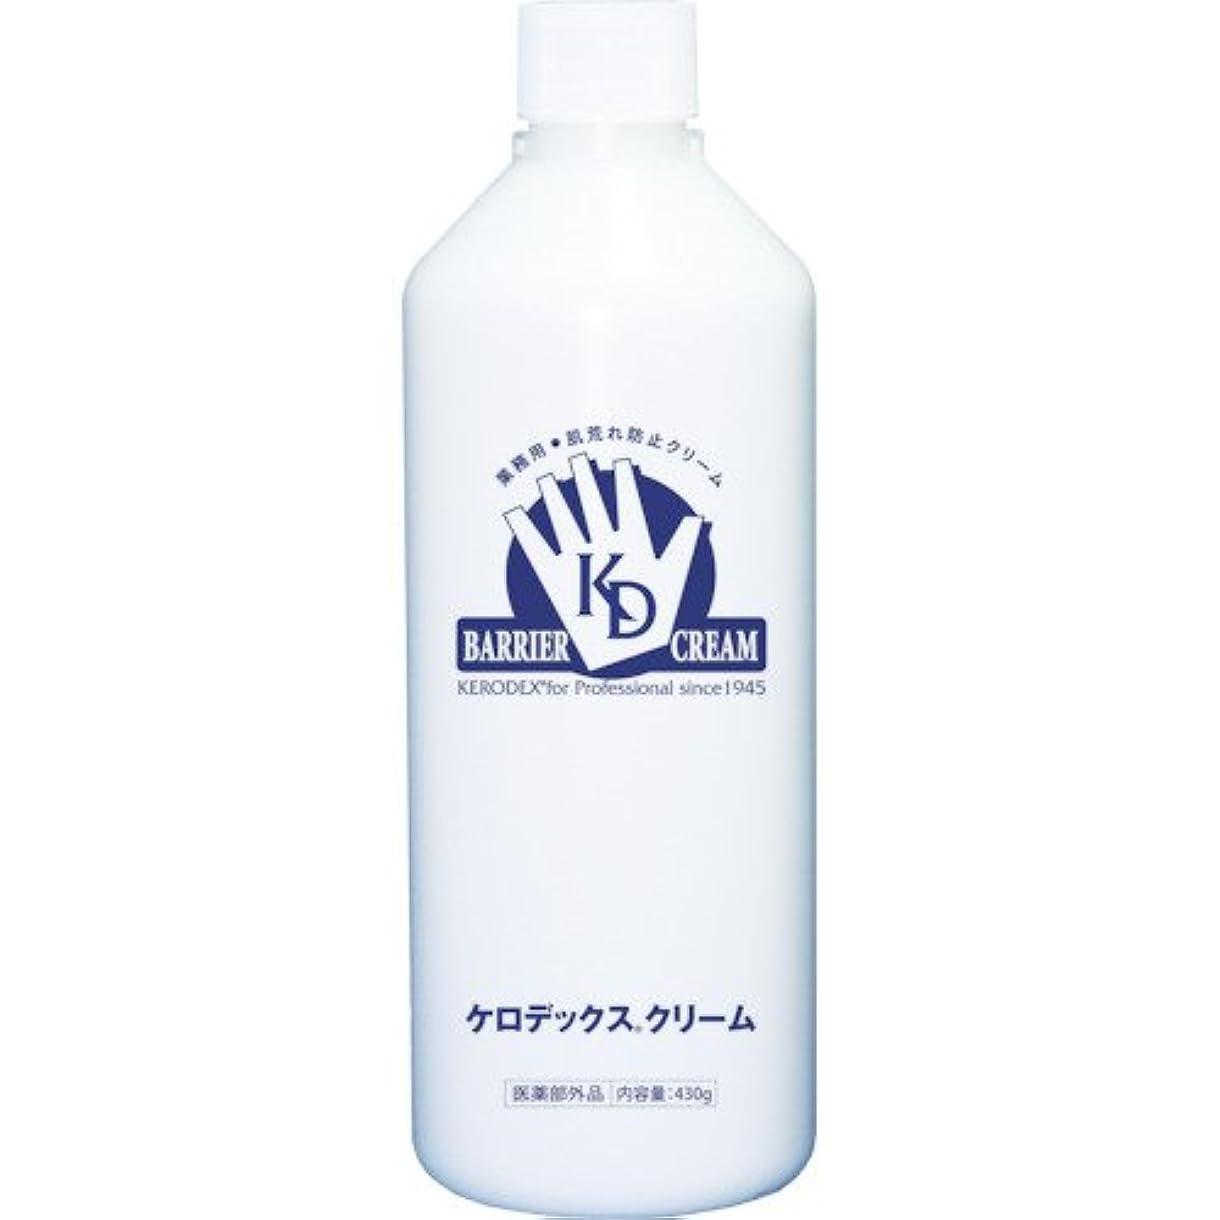 変換一握りことわざケロデックスクリーム ボトルタイプ 詰替用 430g